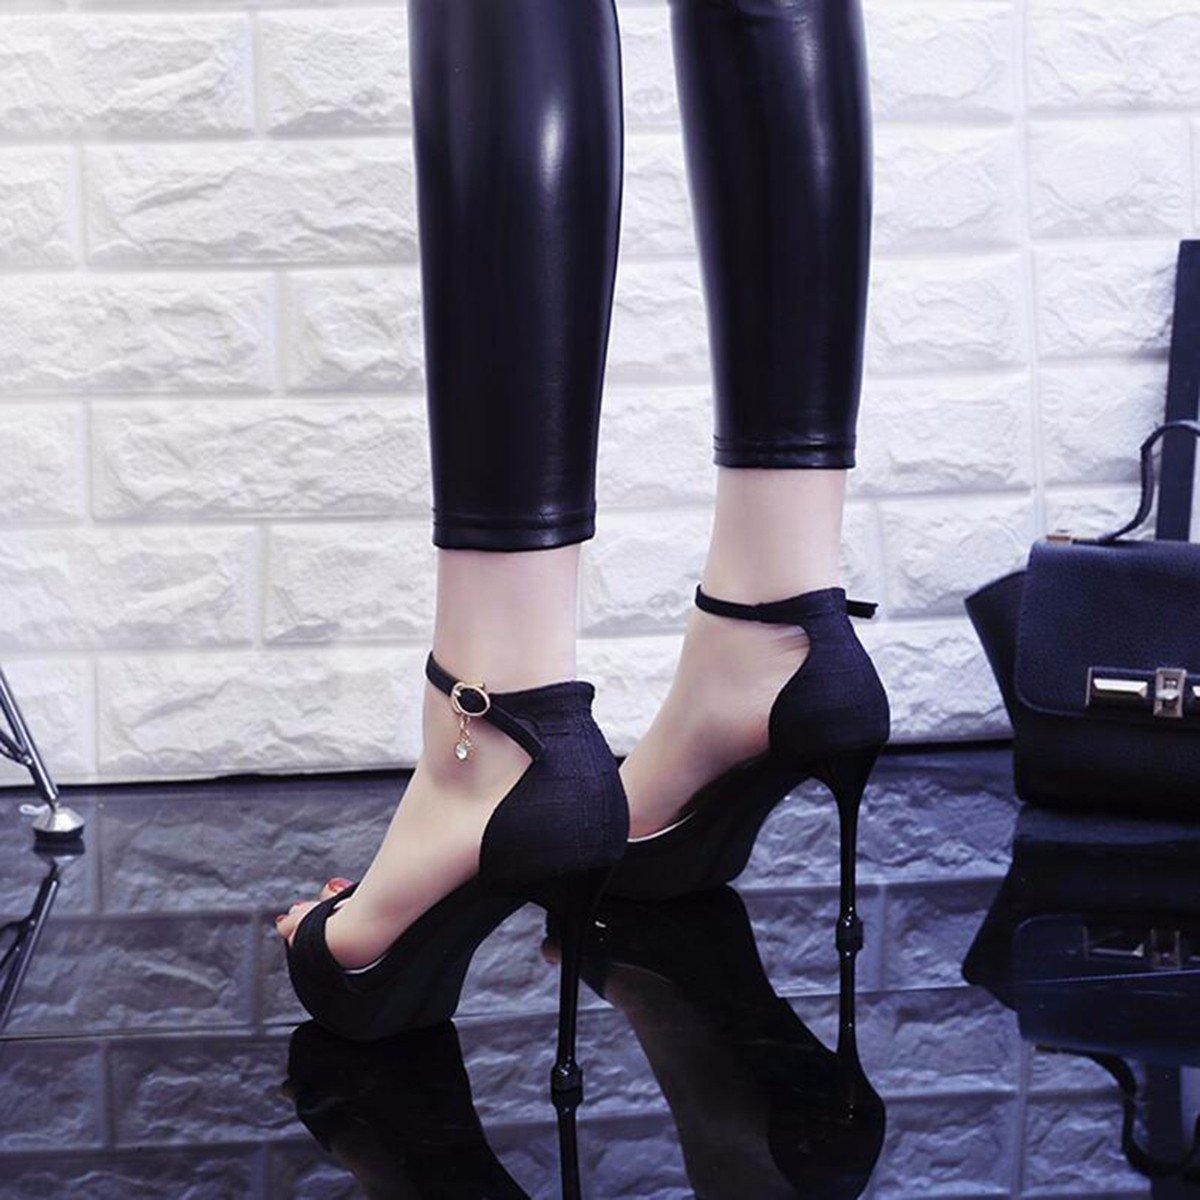 JRFBA-Damenschuhe Sommer hochhackigen Schuhe mit dünnen wasserdicht wasserdicht schnallen, sexy sexy sexy Schwarze Sandalen, Damenschuhe.  4a3de5